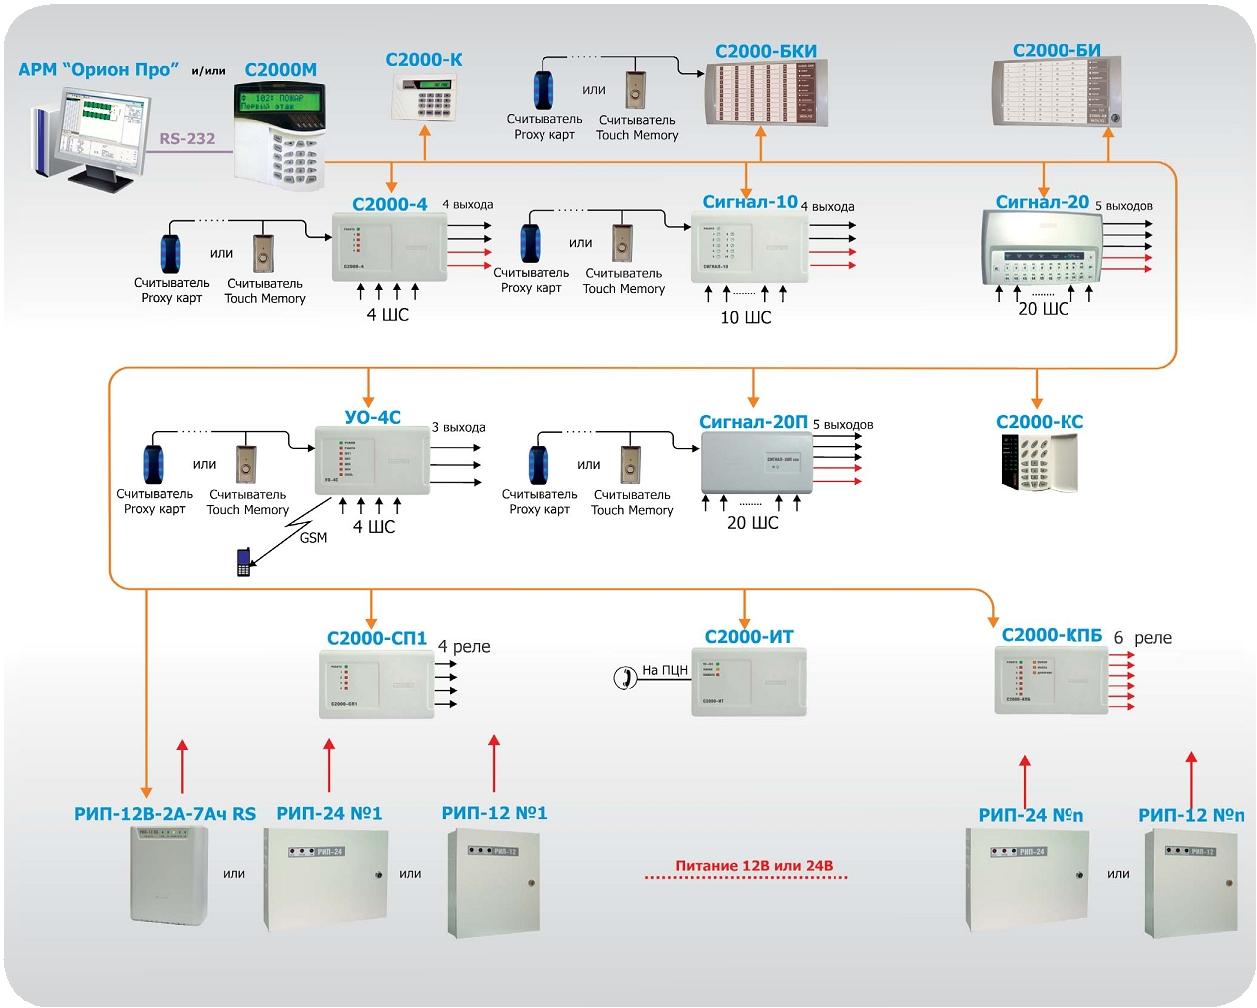 схема охранной сигнализации нескольких объектов